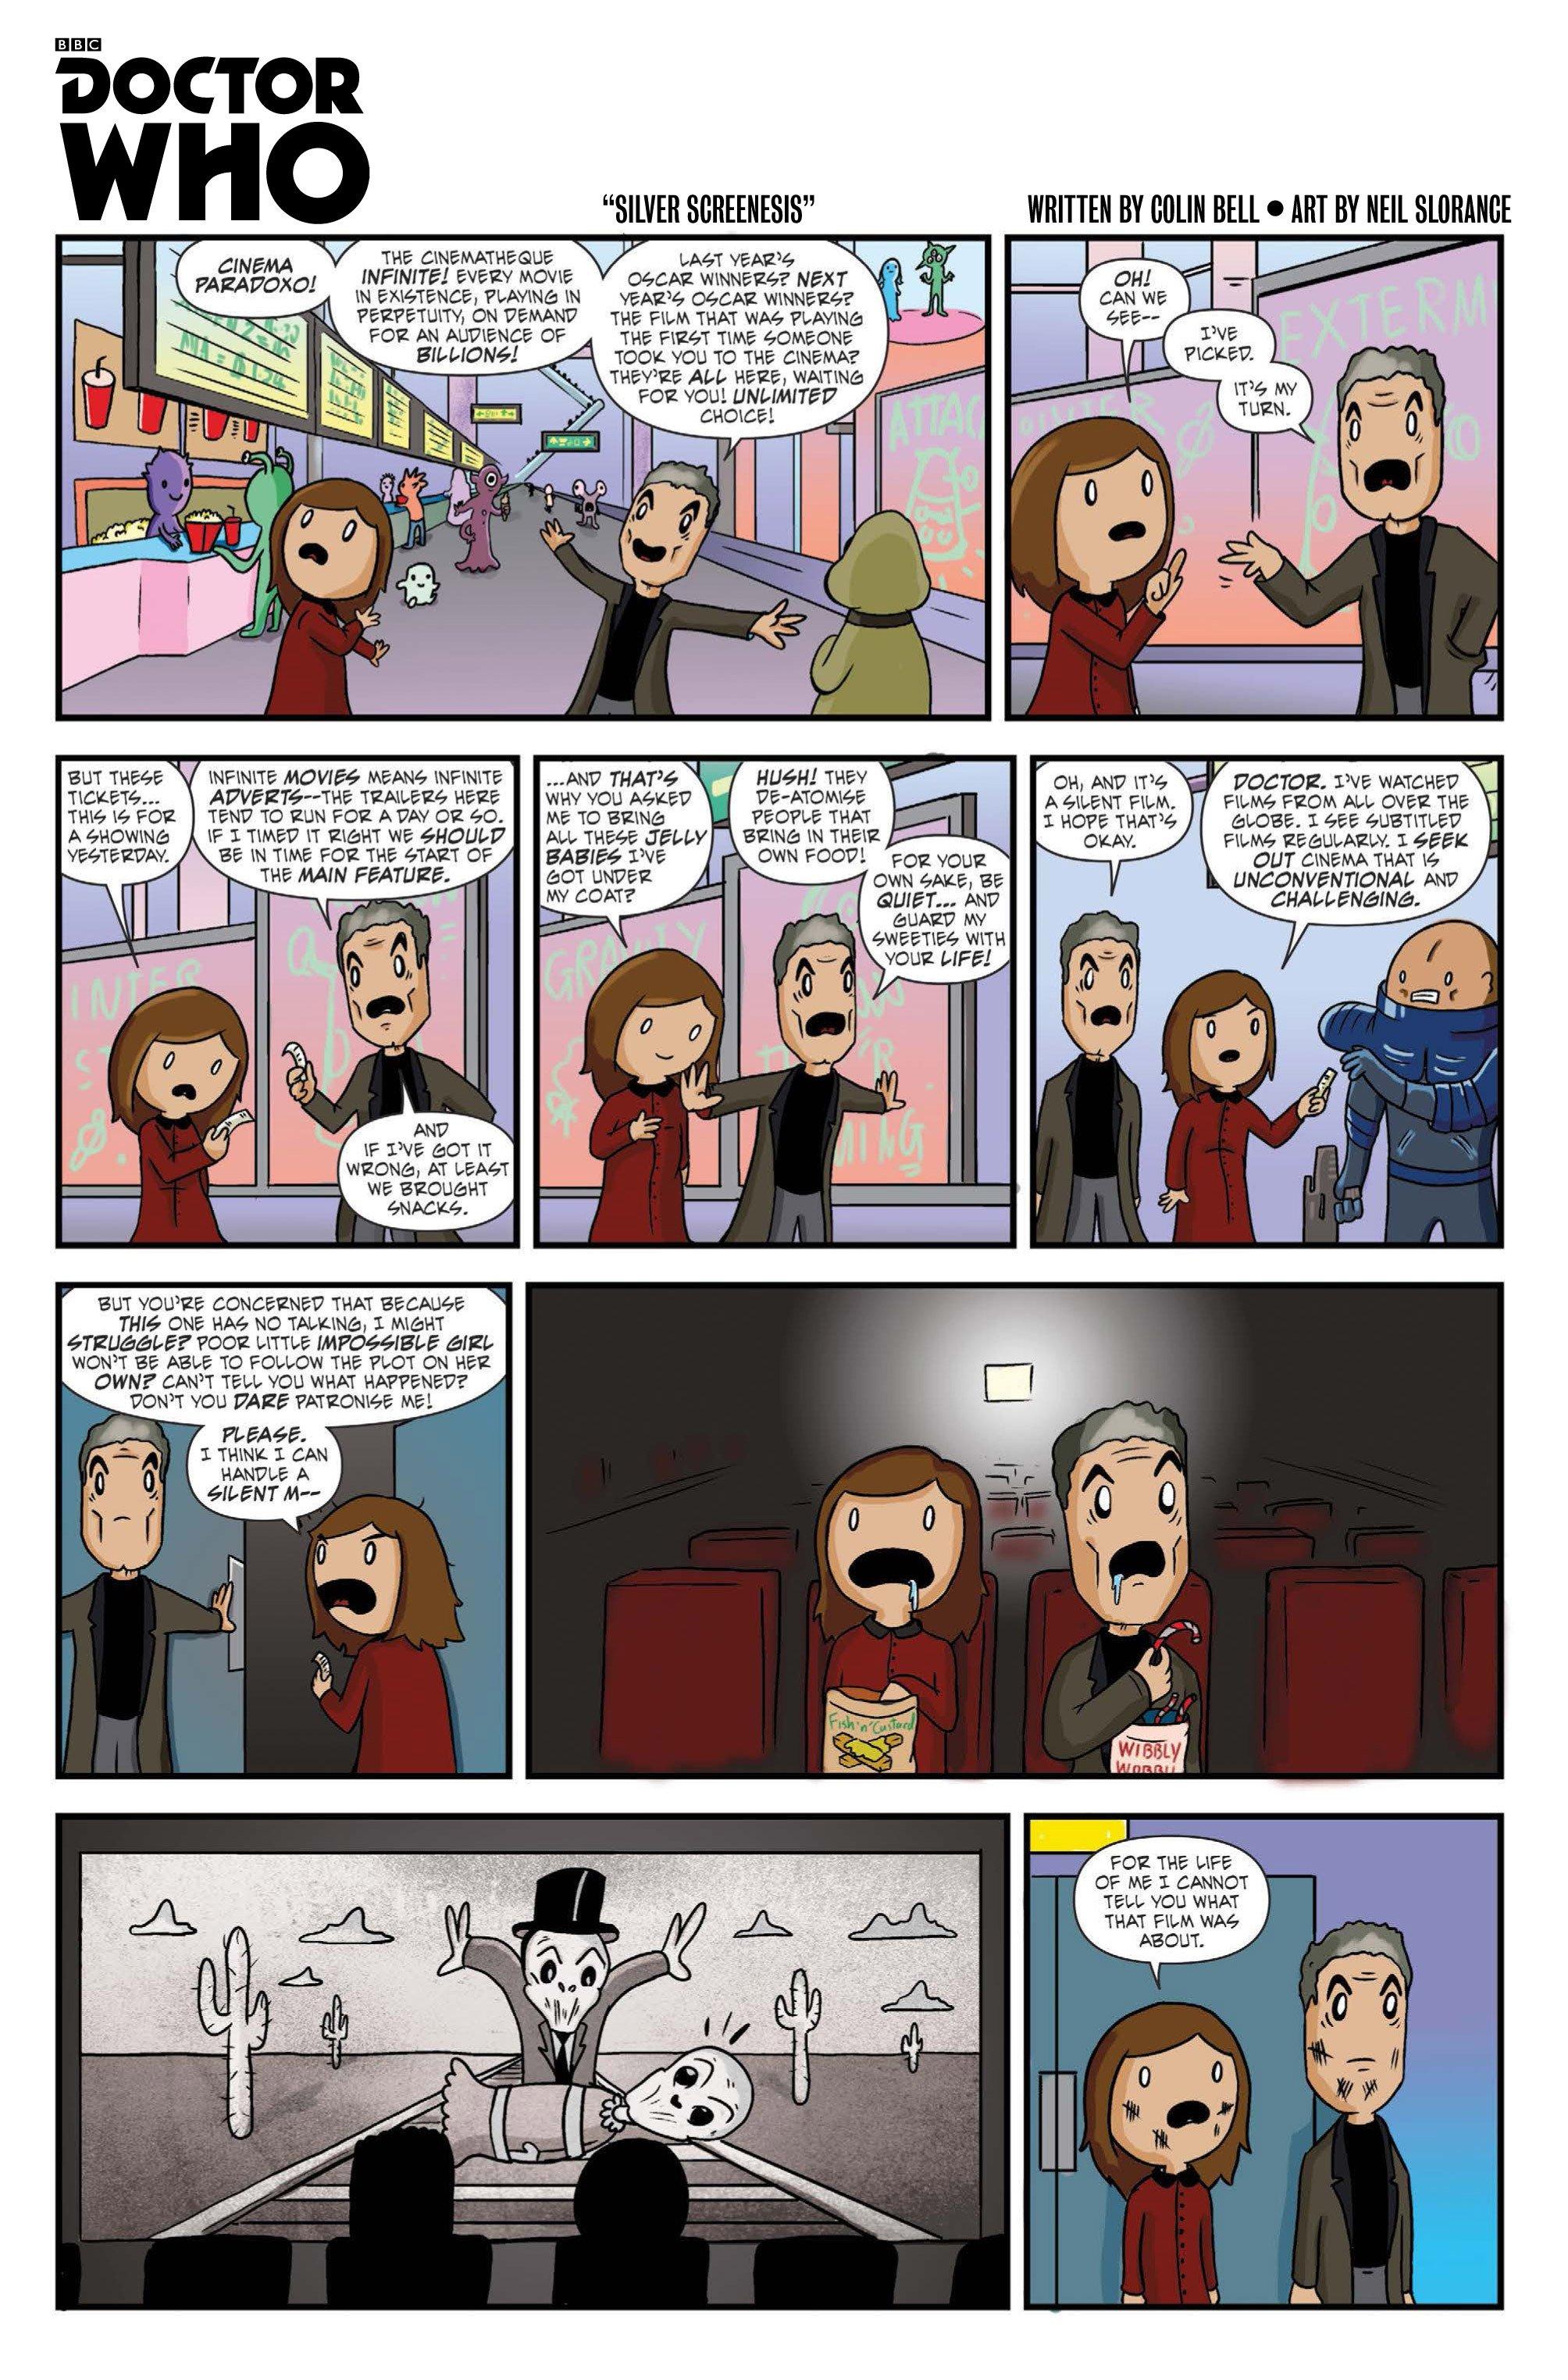 Как Доктор и Клара в кинотеатр ходили. - Изображение 1